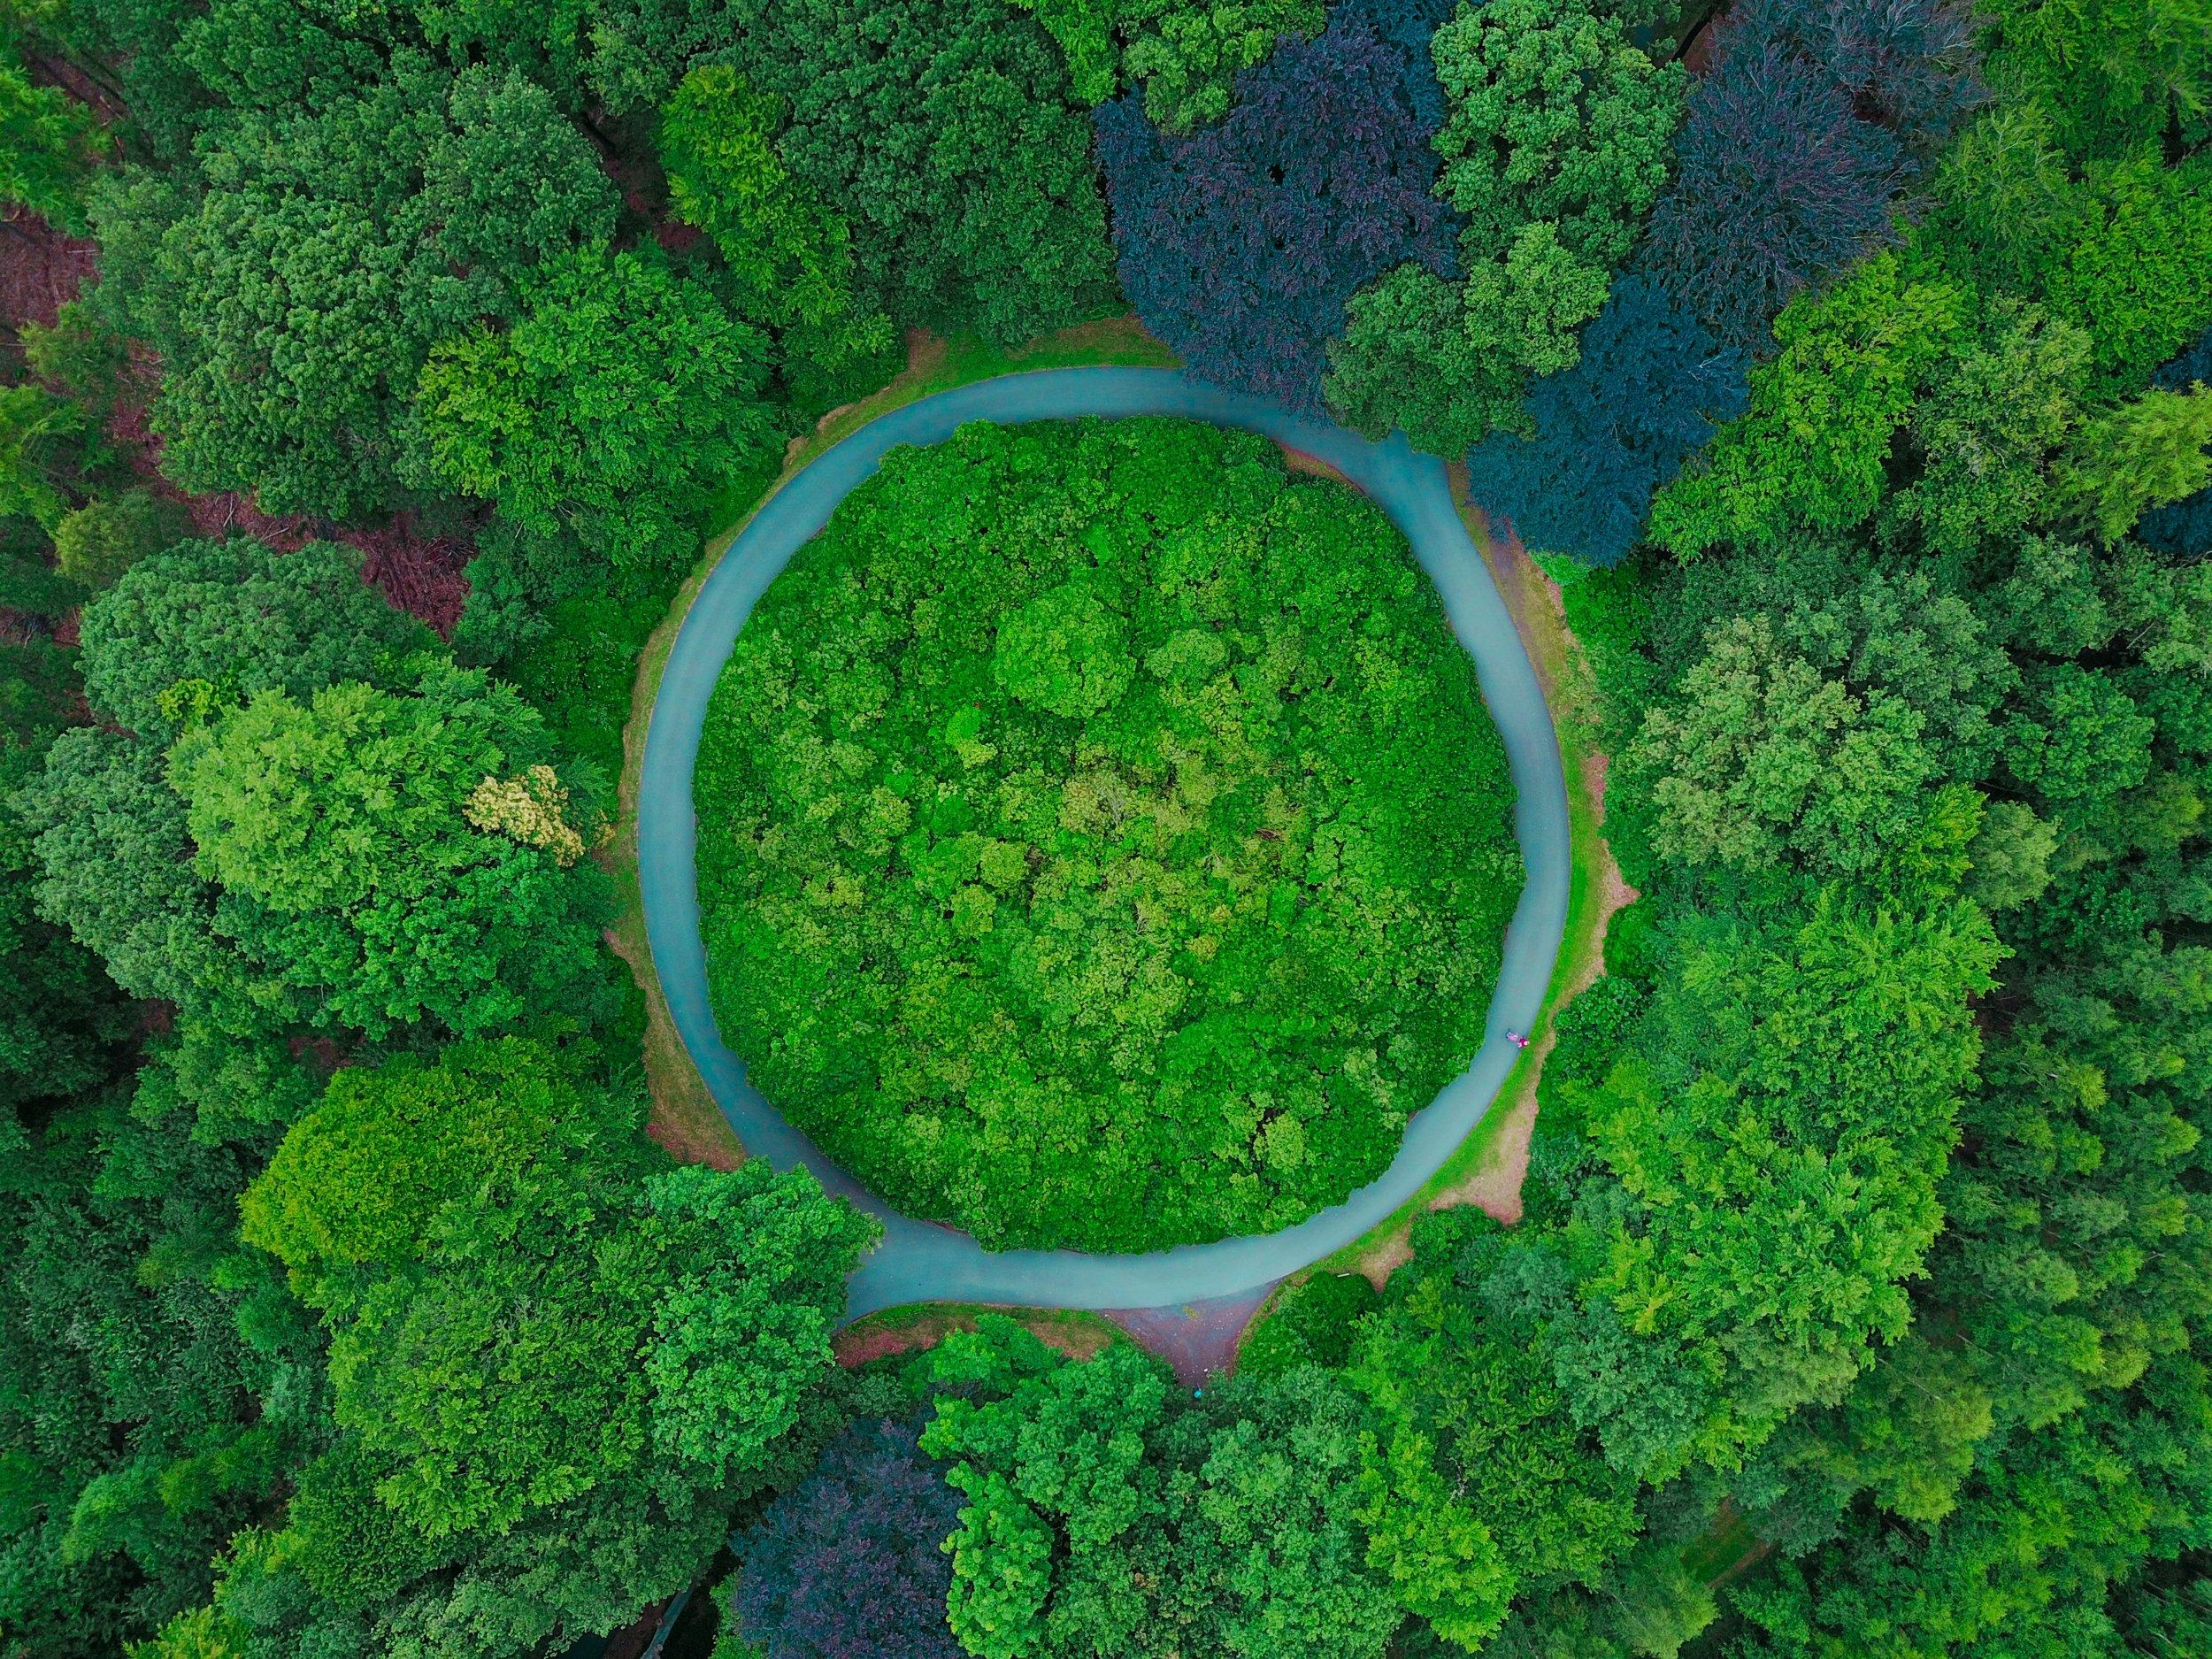 L'économie circulaire - Il s'agit de passer de modes de production linéaires et toxiques à des systèmes circulaires et résilients, grâce aux progrès de l'écoconception.